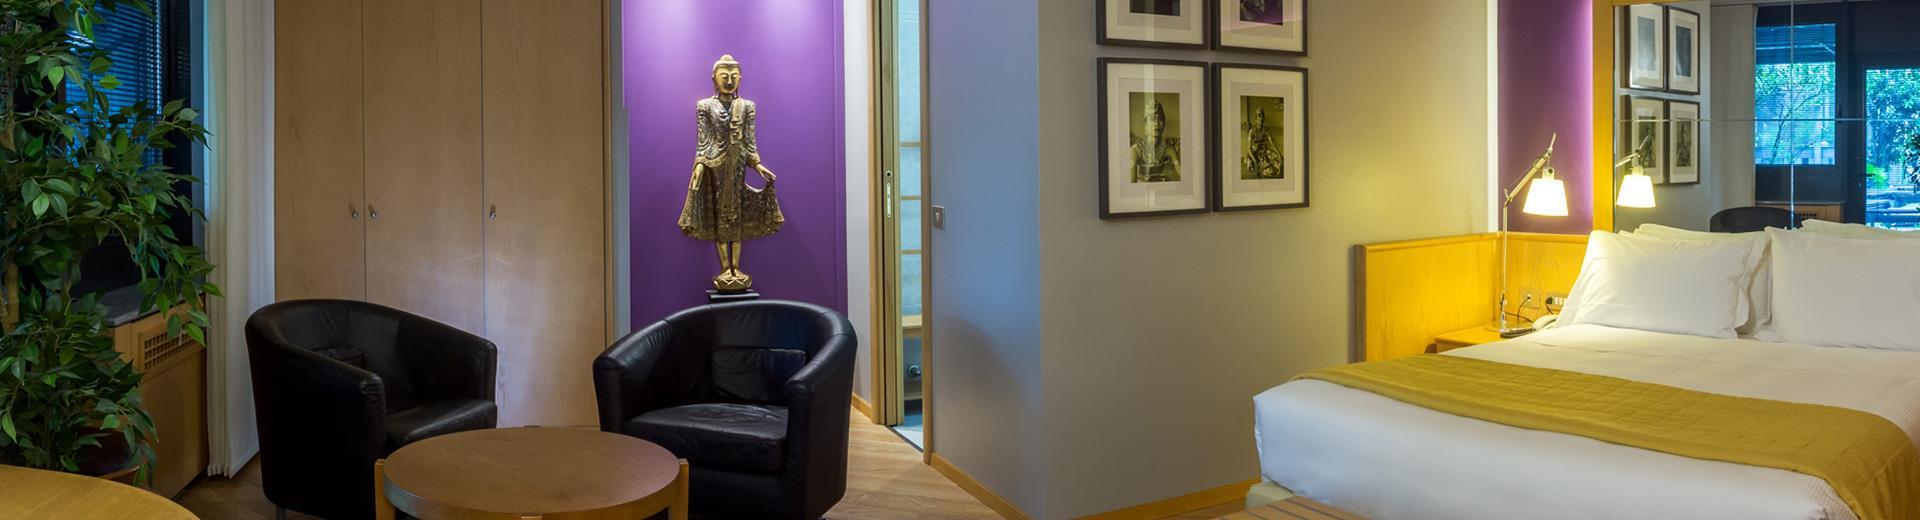 Camere classic bwp hotel executive torino centro porta nuova for Amsterdam hotel centro 4 stelle